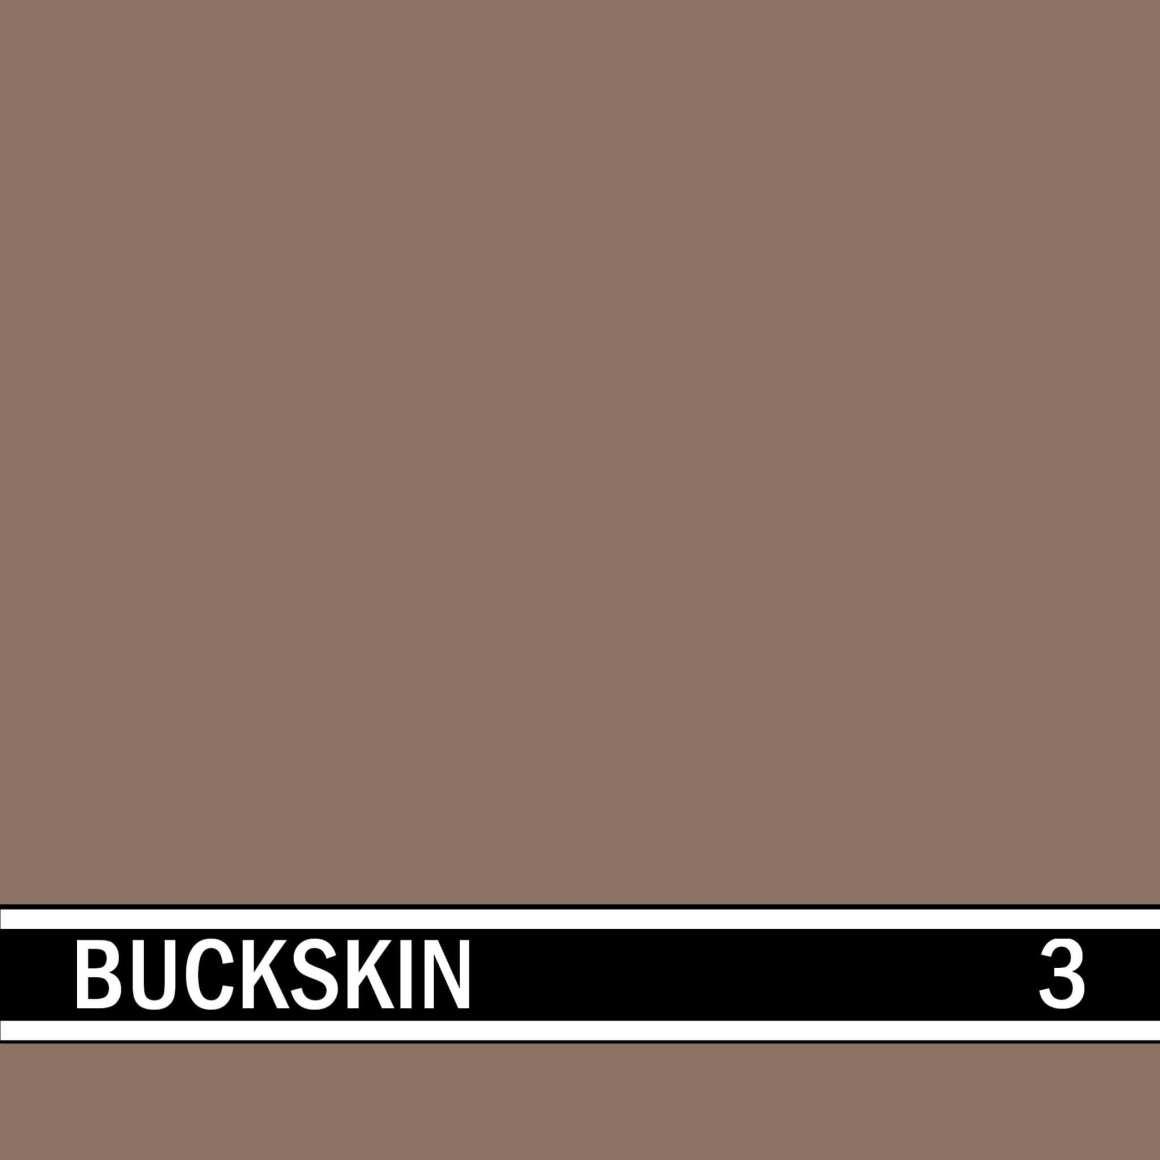 Buckskin integral concrete color for stamped concrete and decorative colored concrete